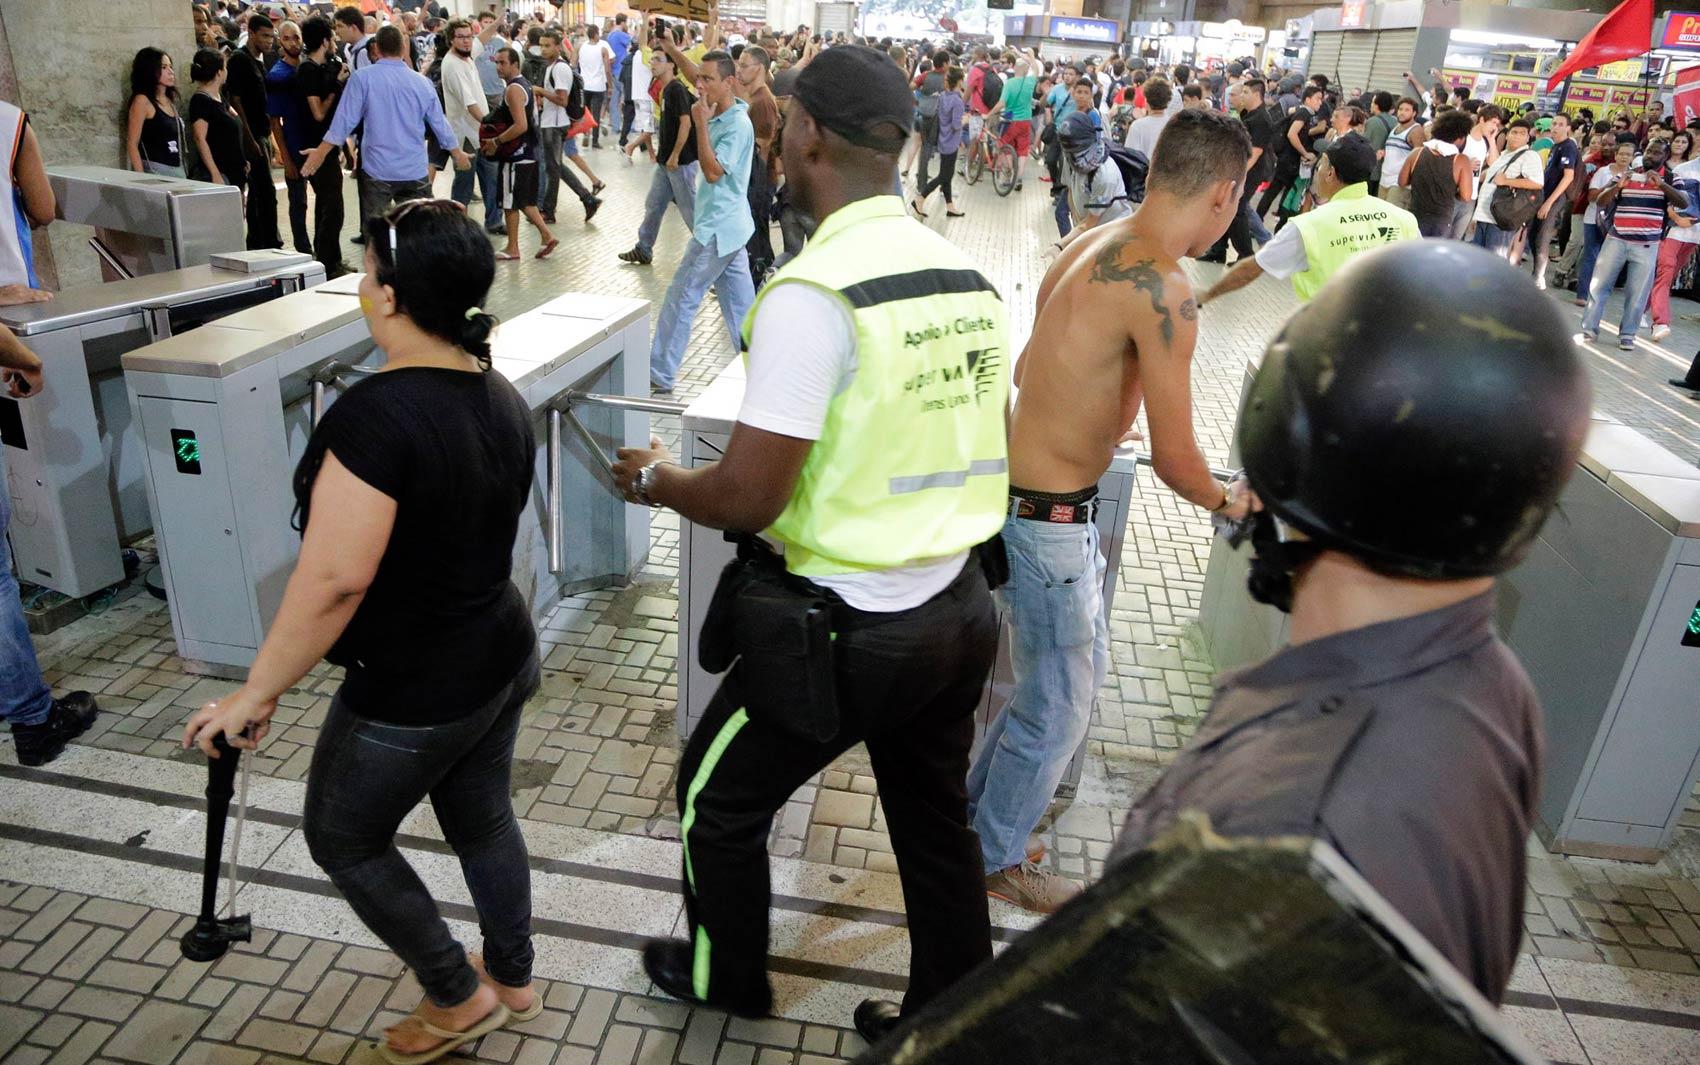 Caio Silva de Souza, acusado de disparar o rojão que matou o cinegrafista Santiago de Andrade, aparece sem camisa durante o a manifestação do ultima quinta-feira (6)